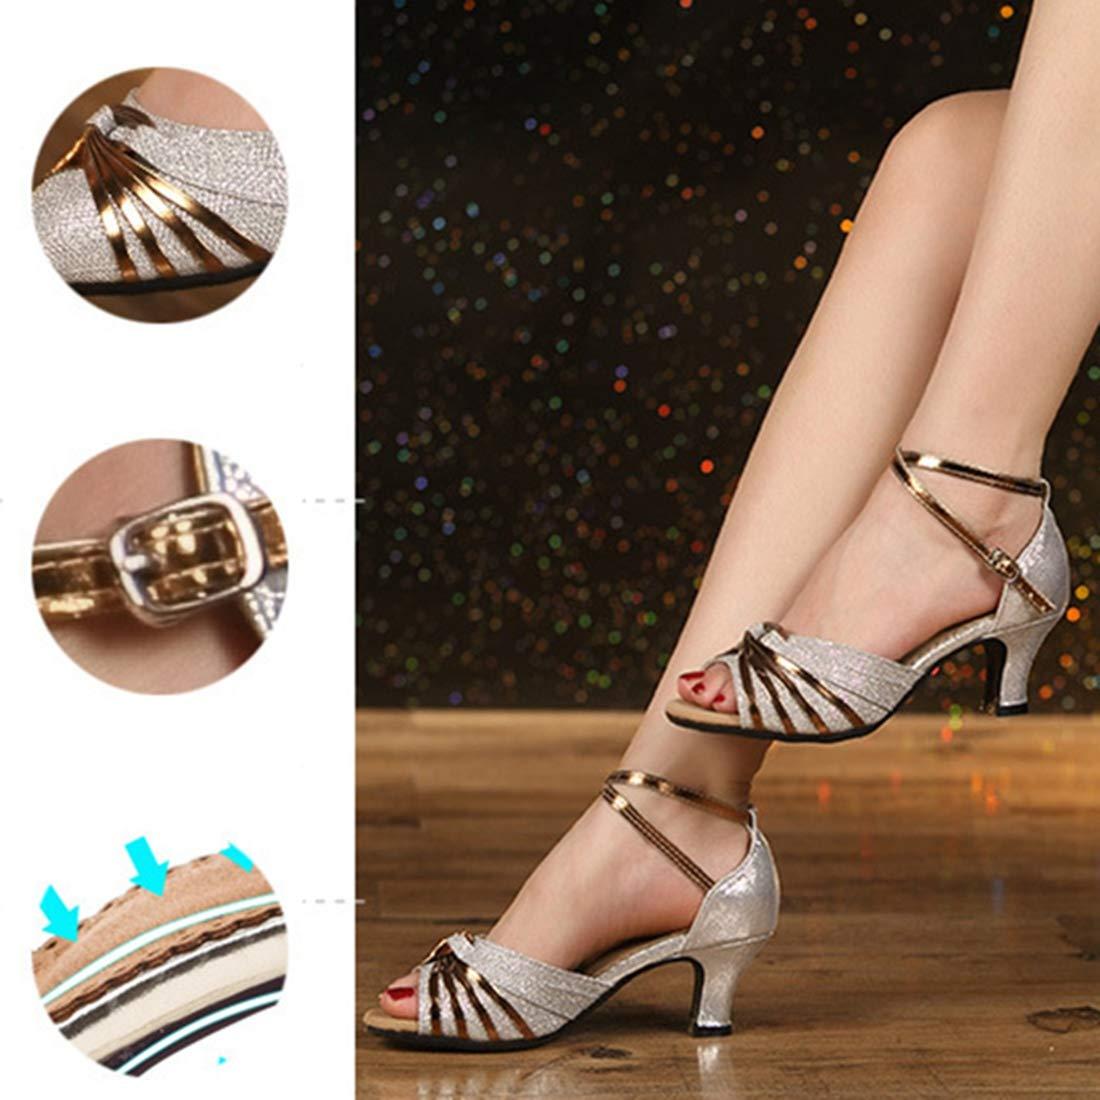 5 Chaussure Hauteur 5 Femme Danse Cm Talon De A 6vYbfyI7g